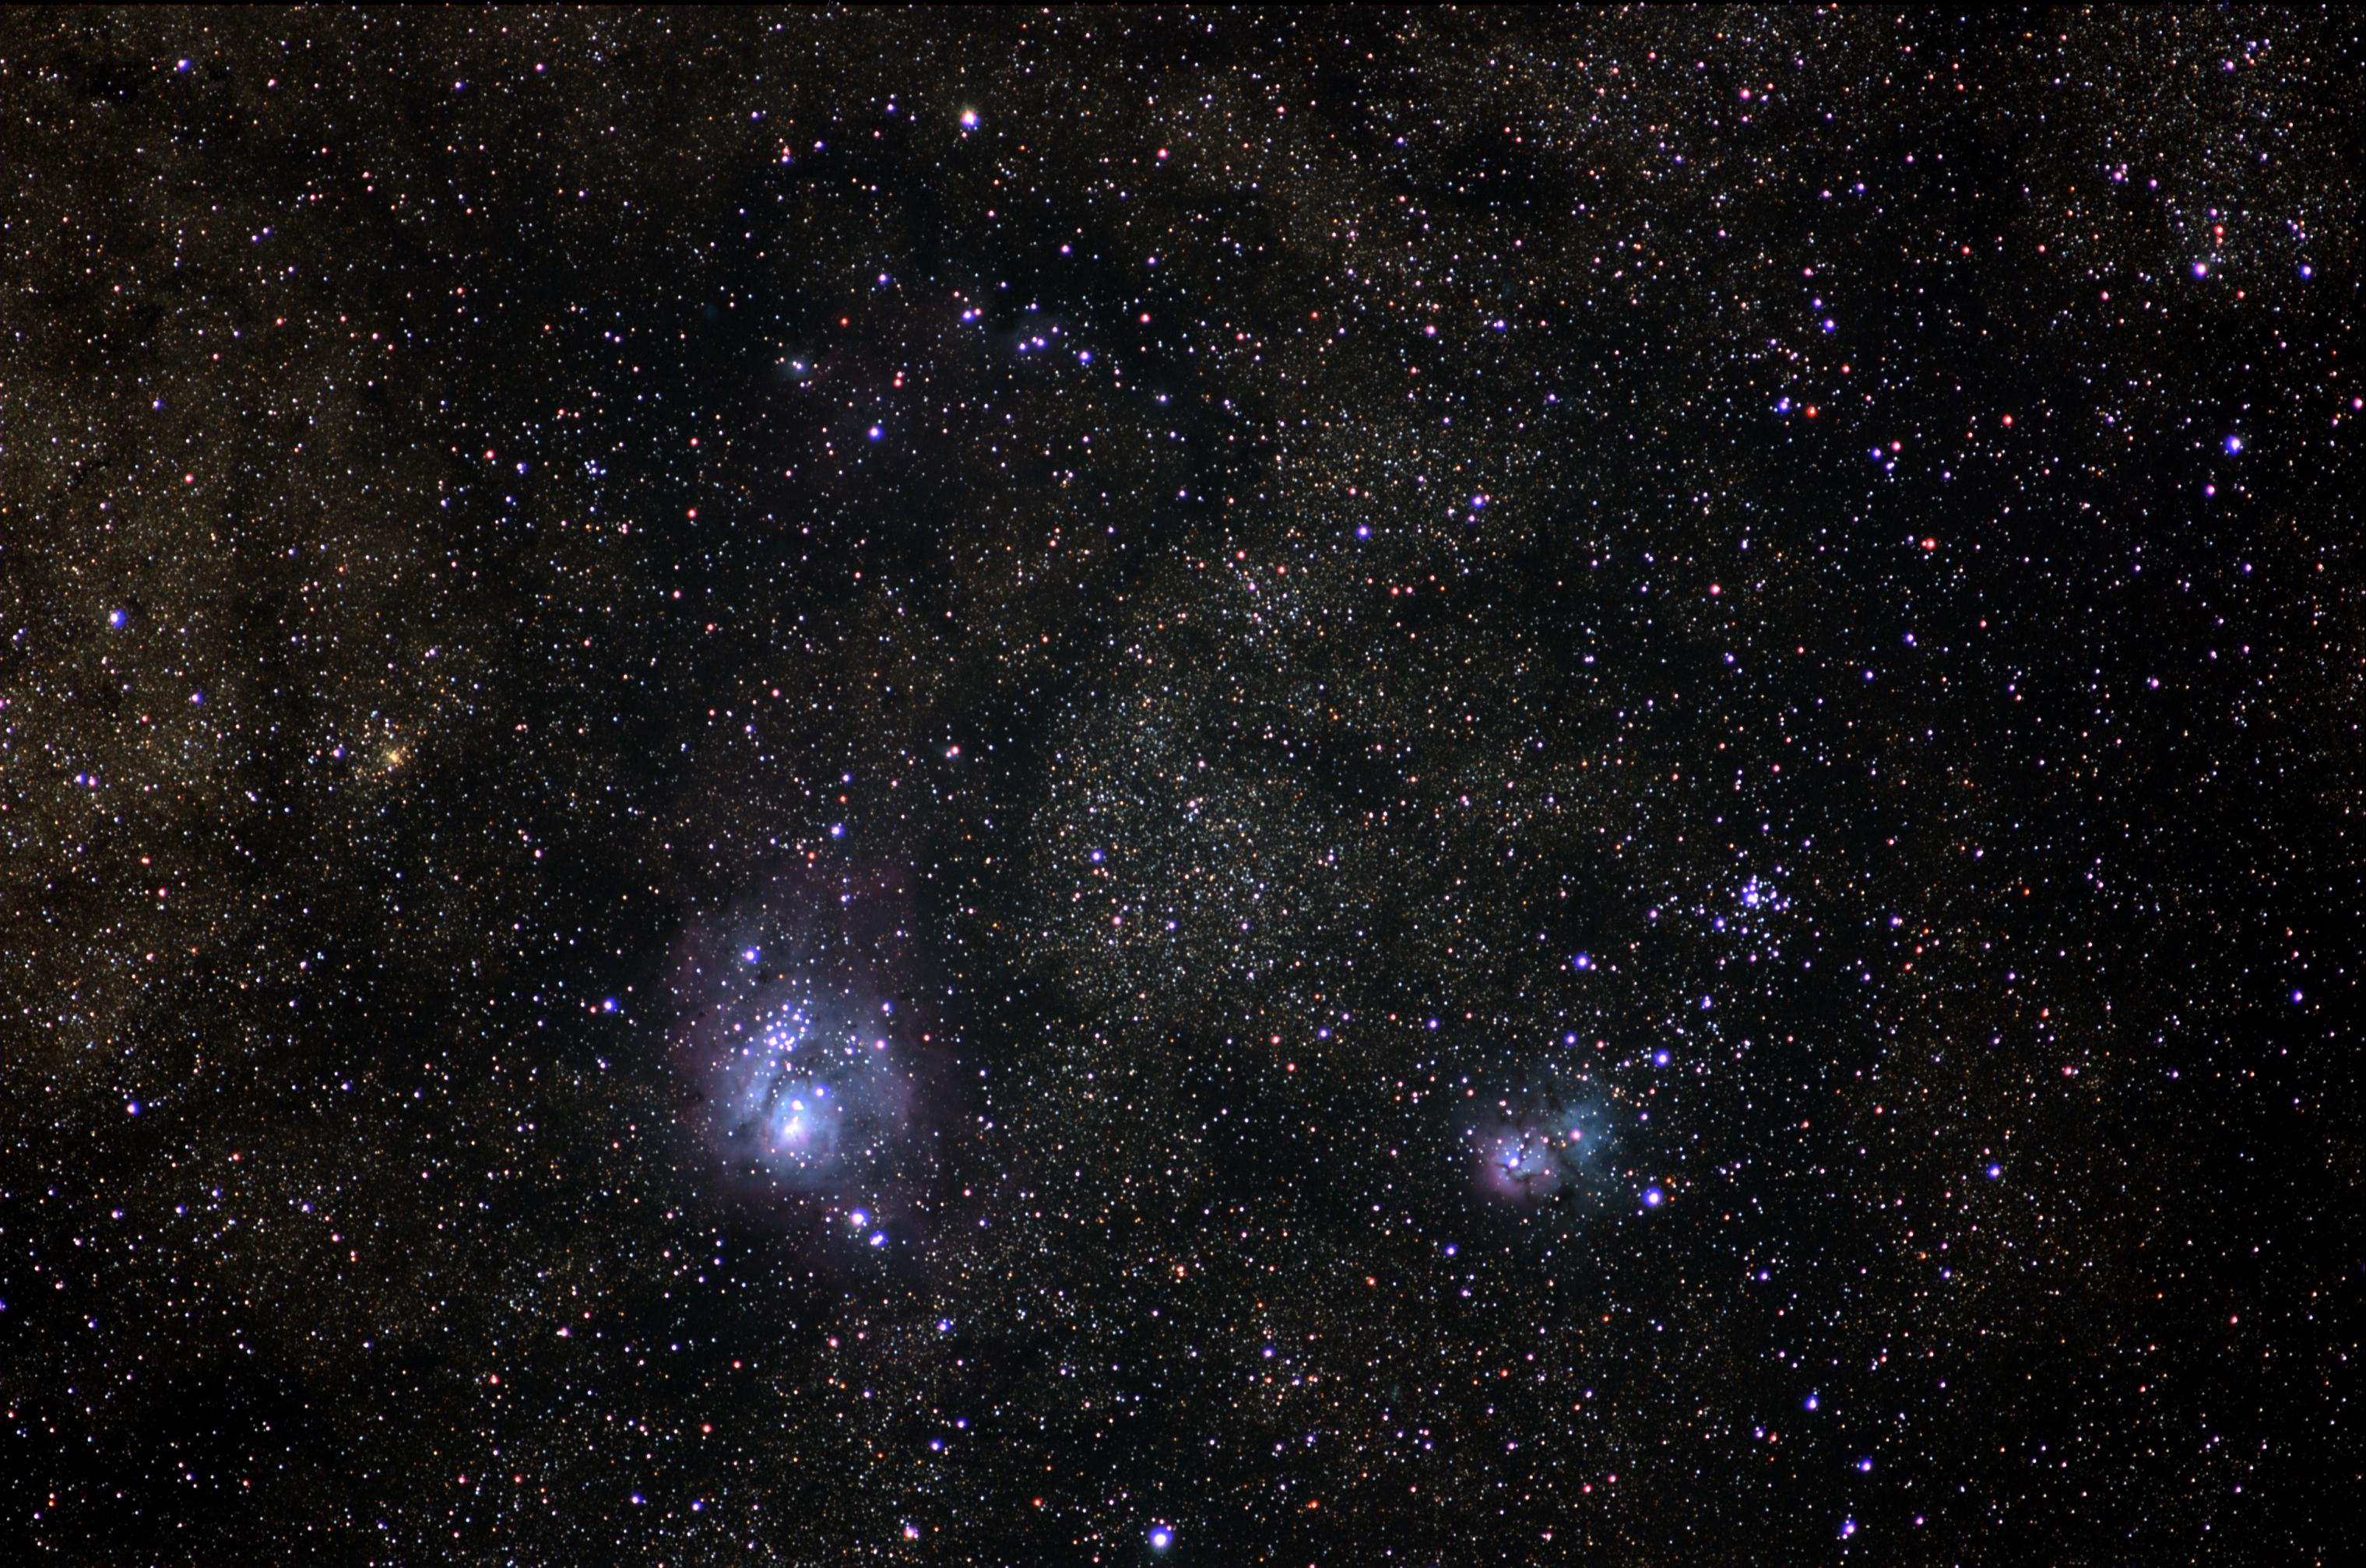 nikon  canon dslr cameras  astrophotography